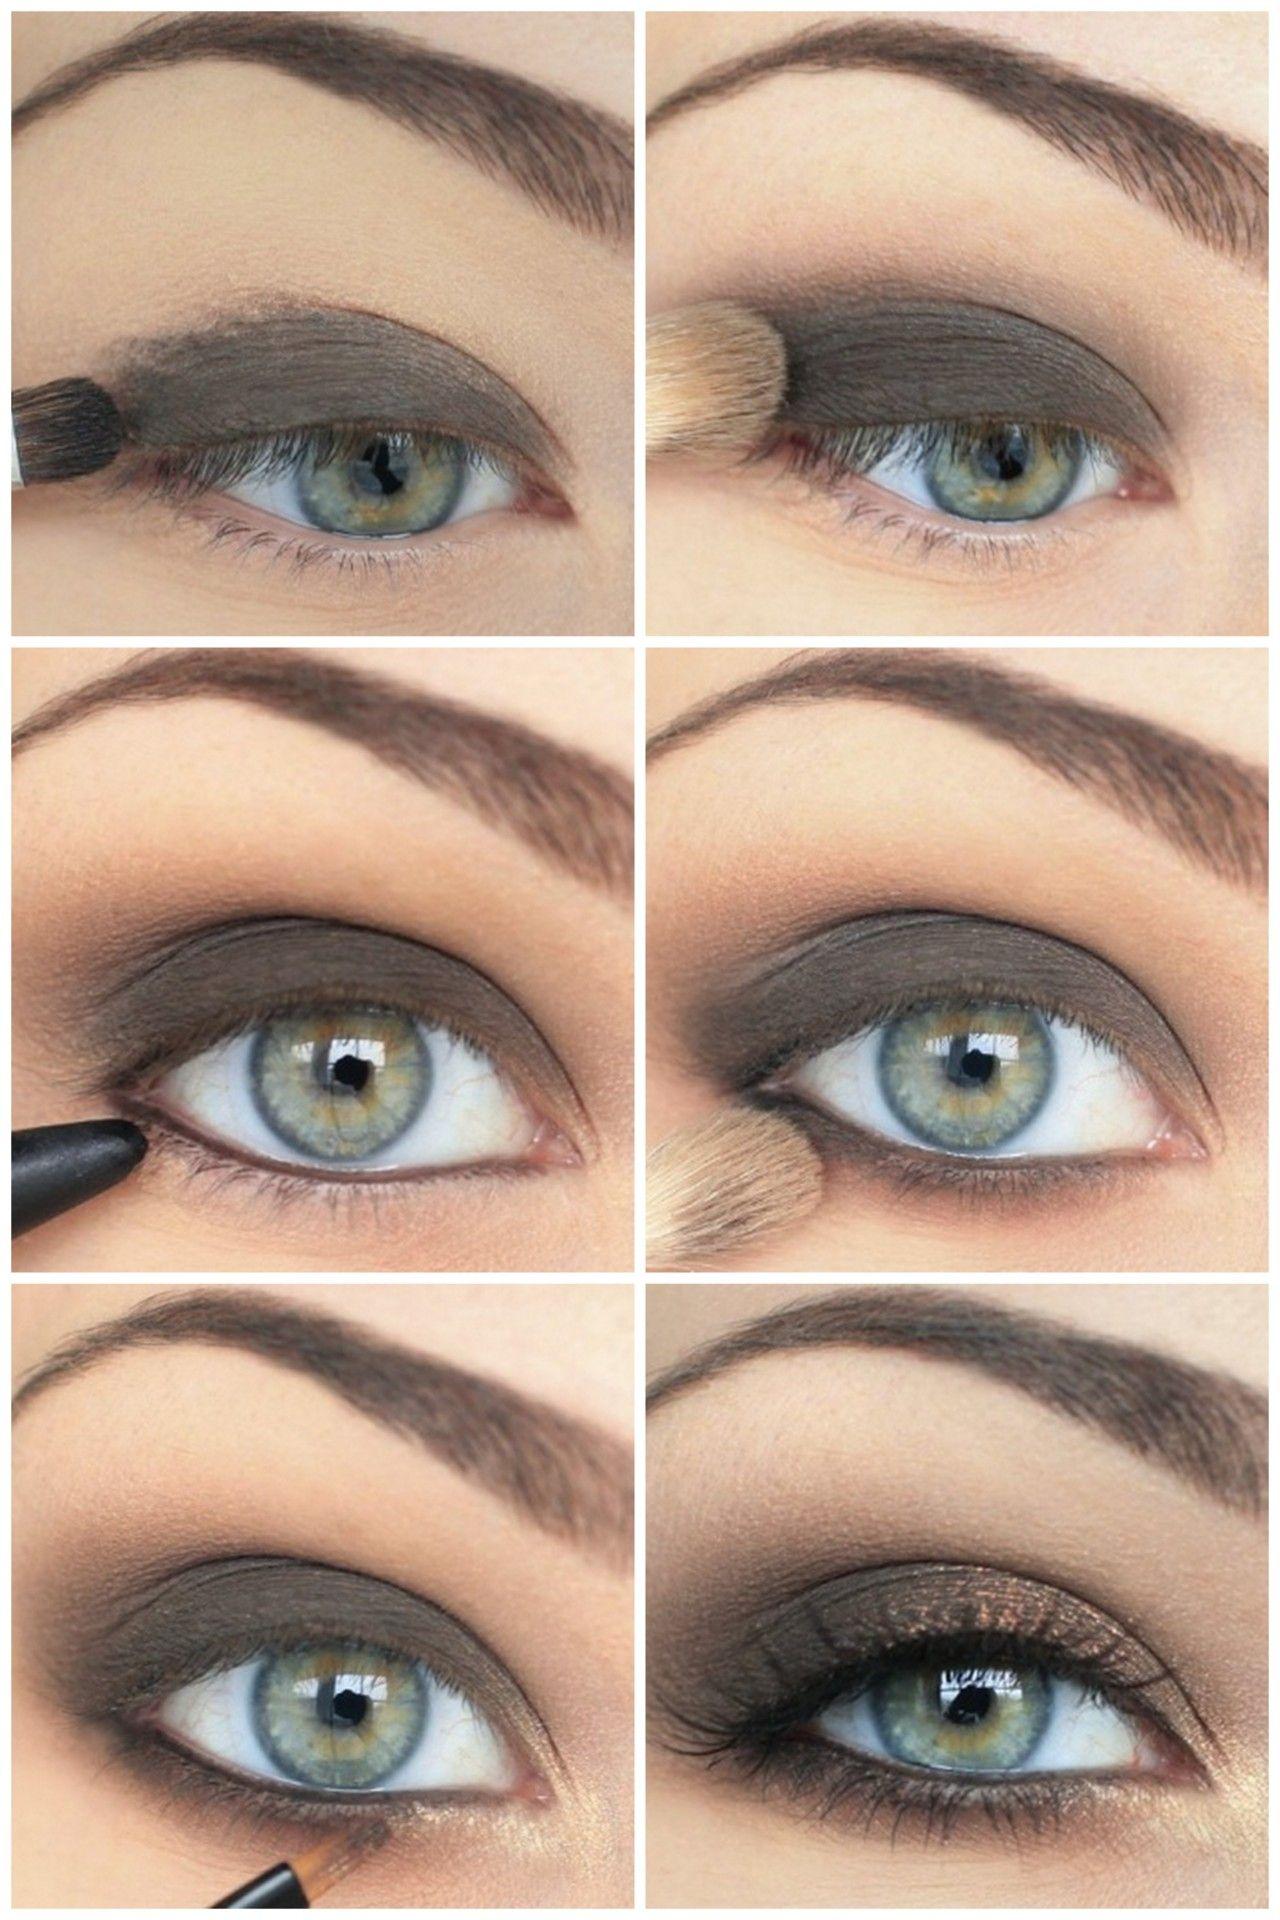 Simple grey smokey eye hair make up pinterest smoky eye purple eye makeup for green eyes emerald green smokey eye makeup tutorial perfect eye shadow to plement green eyes baditri Images